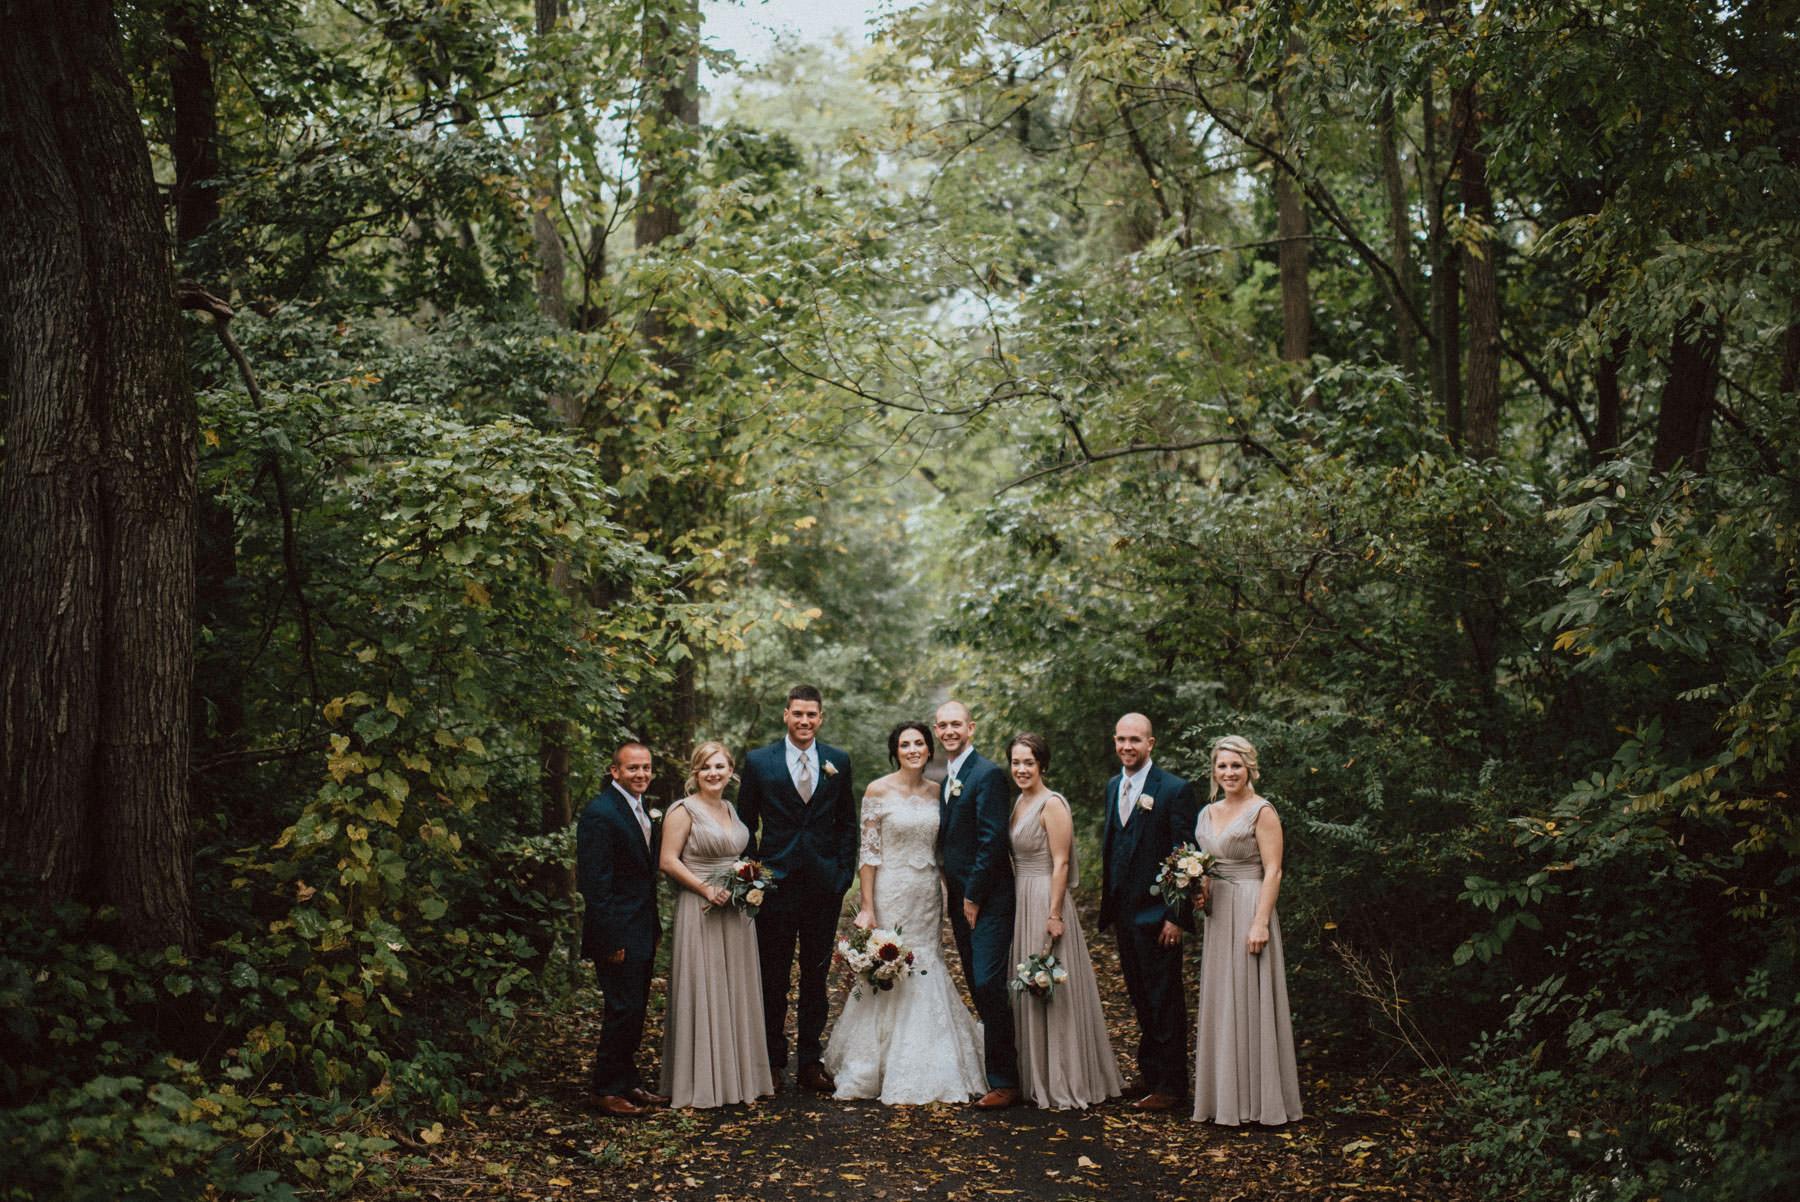 264-flourtown-country-club-wedding-1.jpg